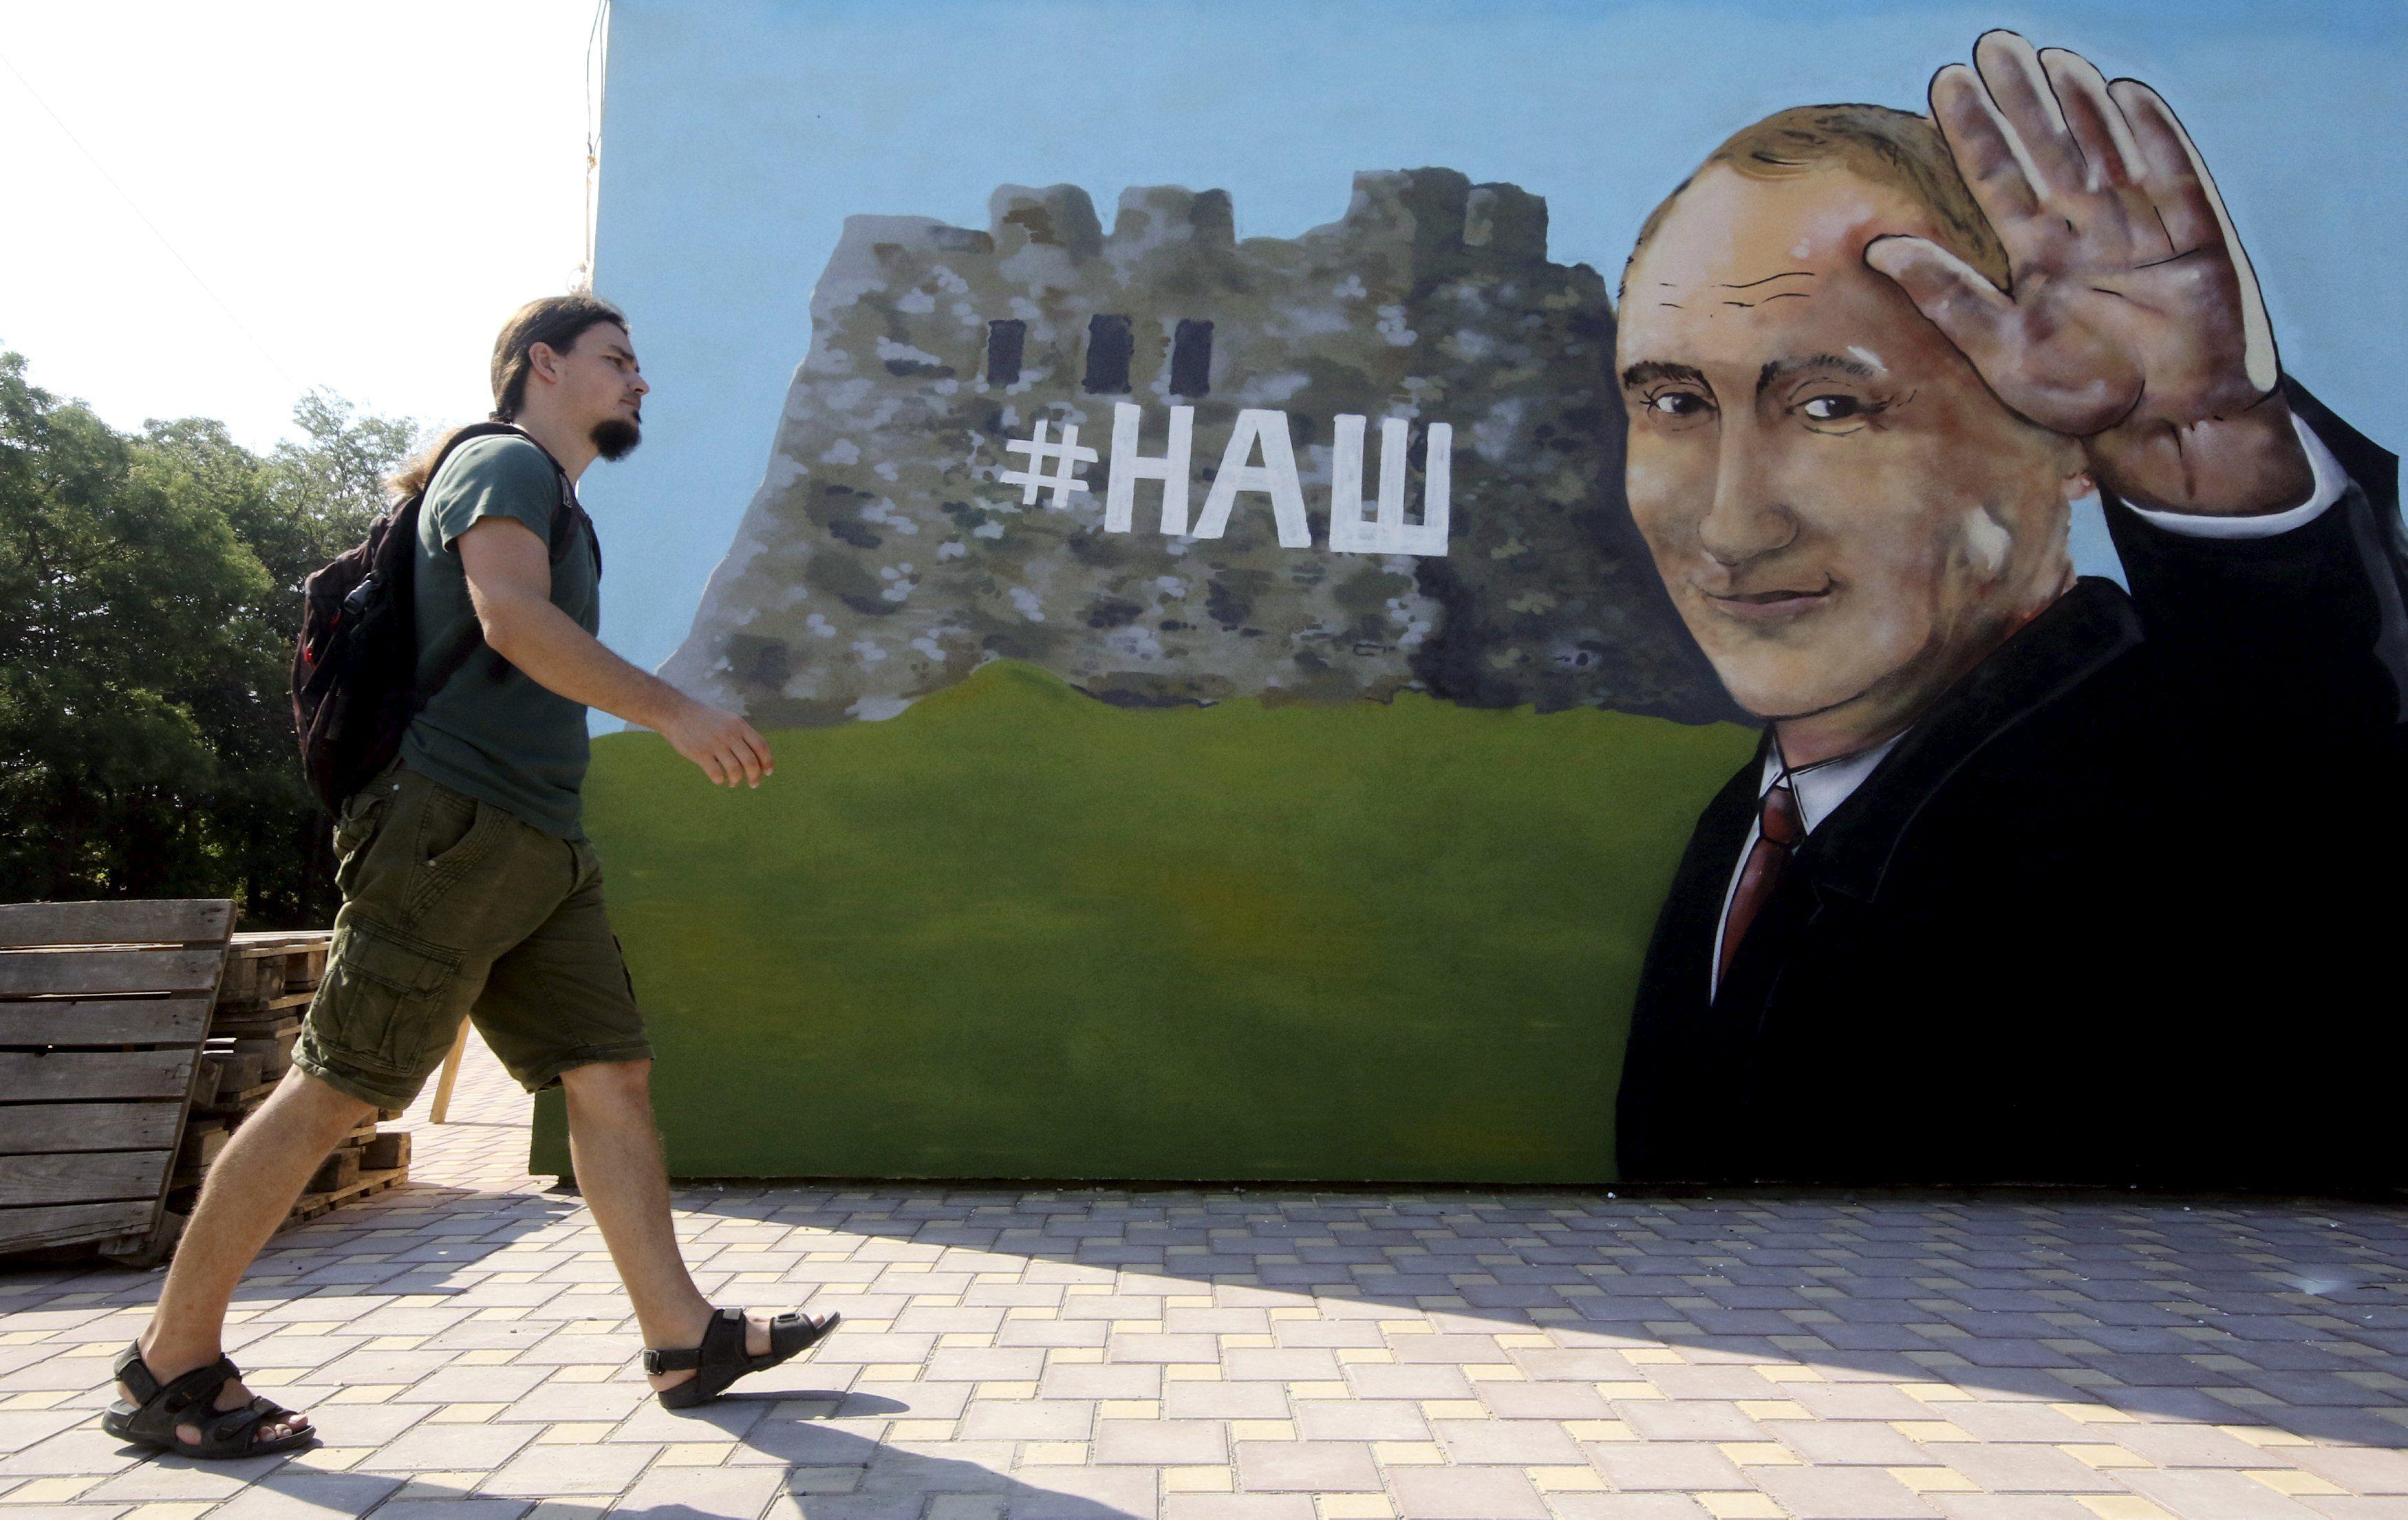 путин, крым, графити